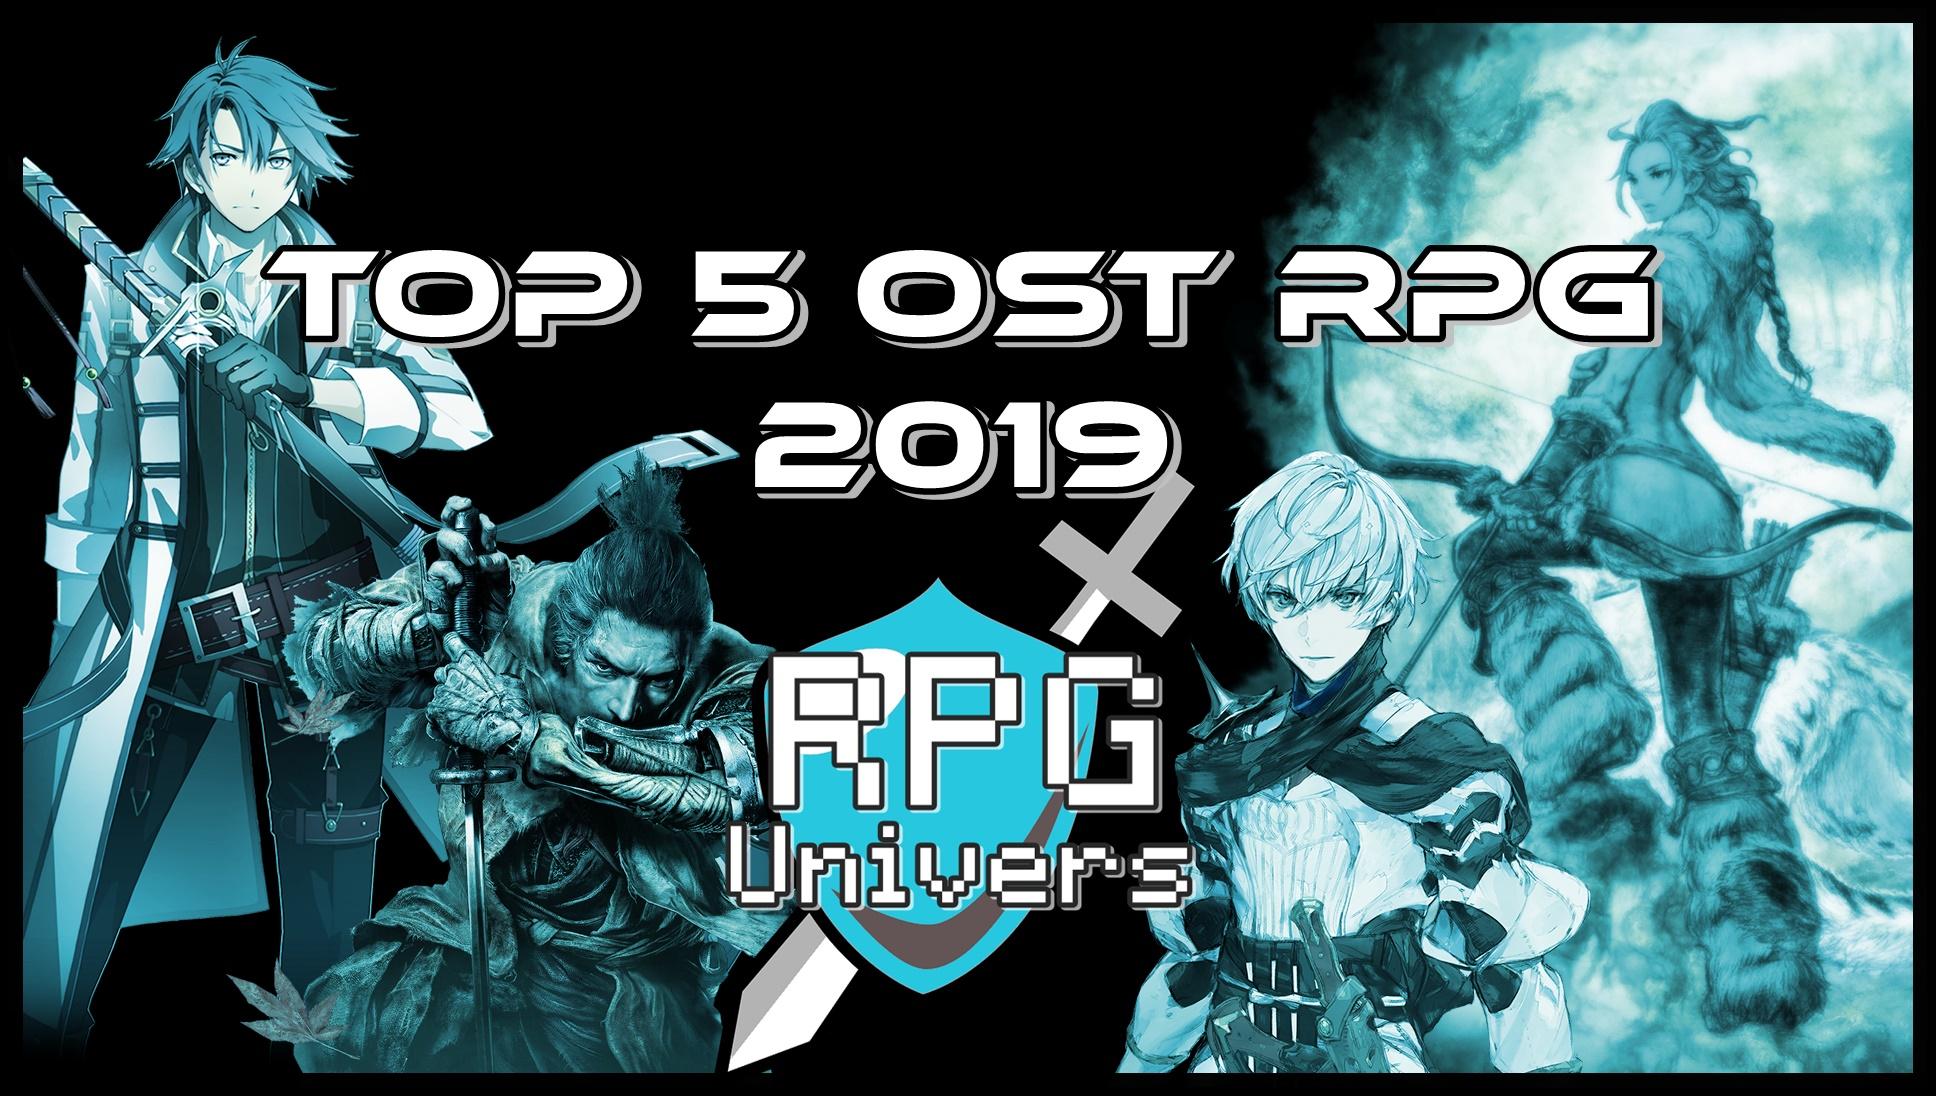 Notre top 5 OST RPG de 2019